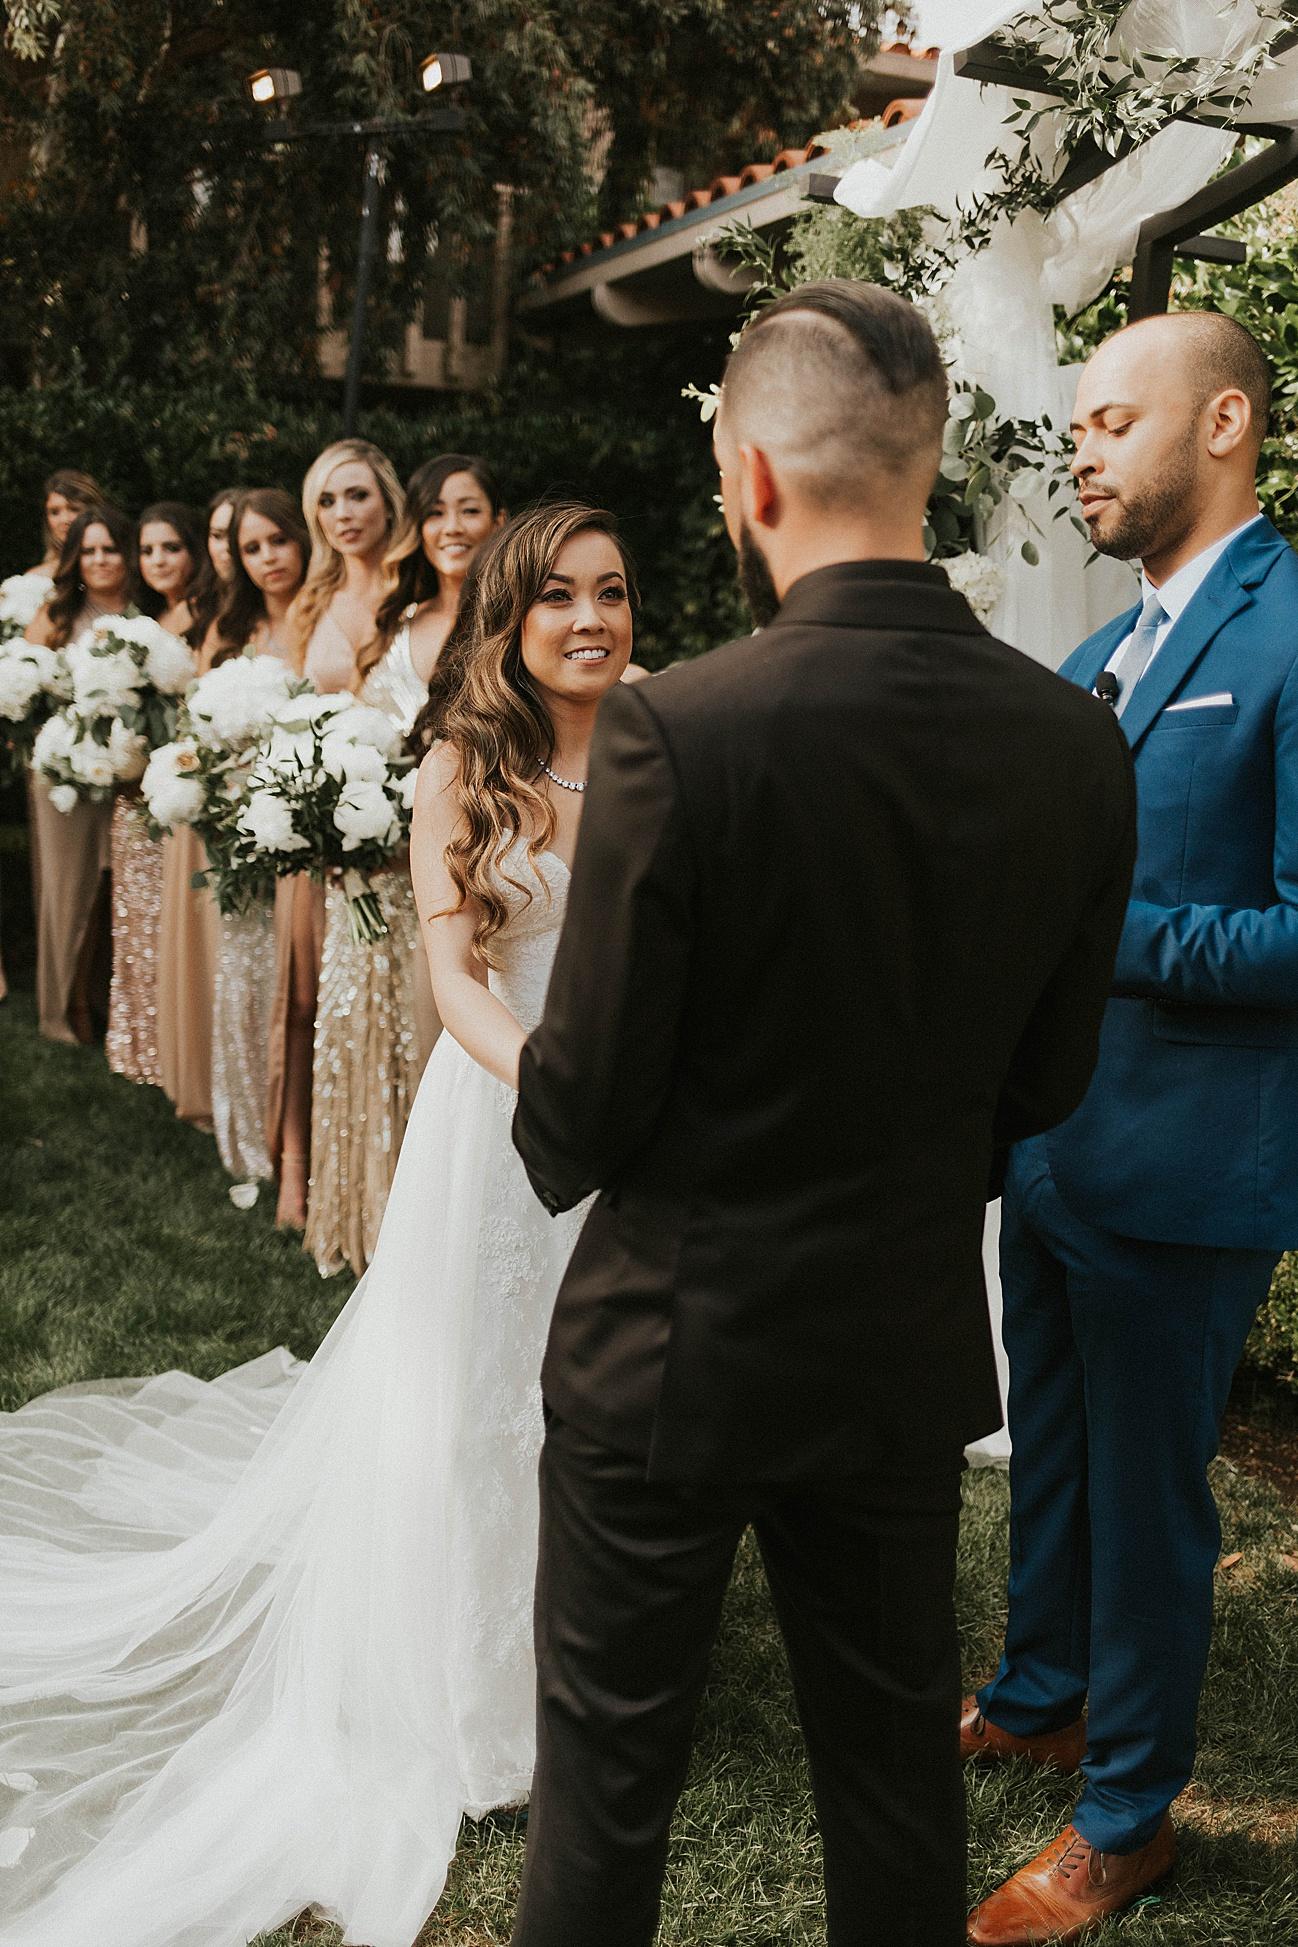 rancho-bernardo-inn-wedding20.jpg